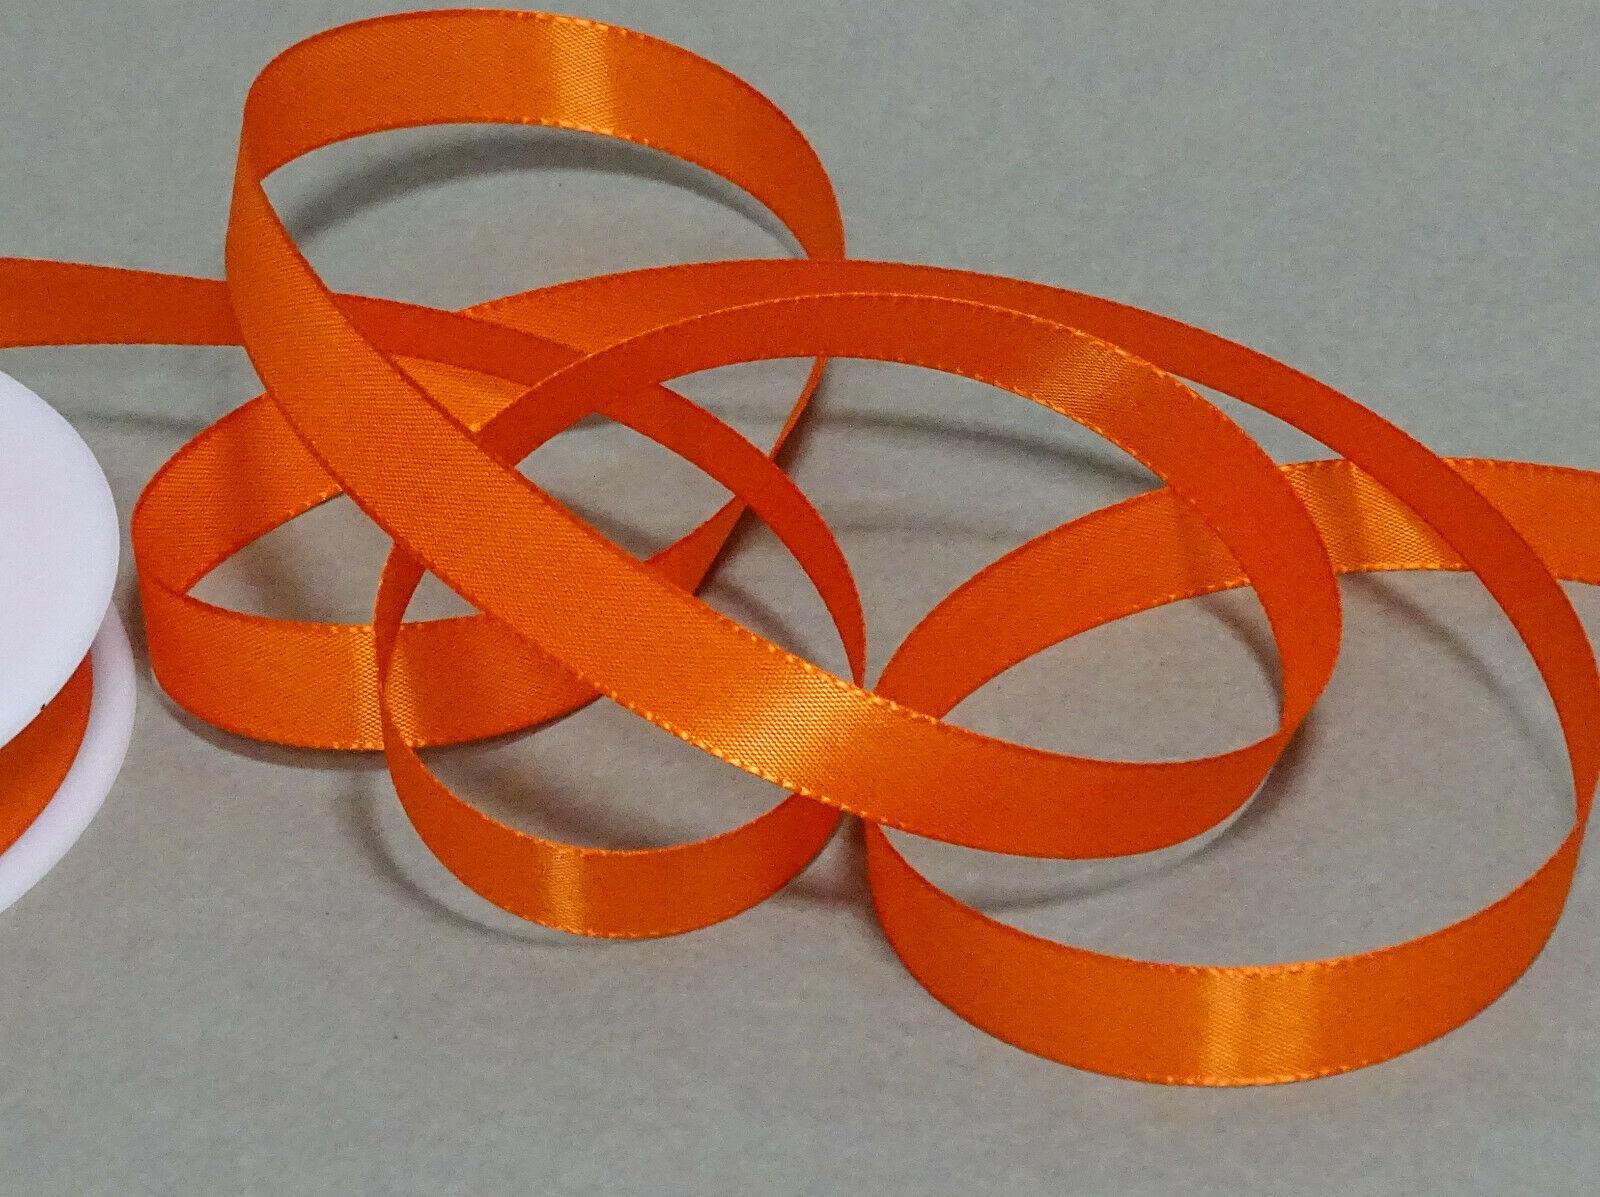 Seidenband Schleifenband 50 m x 15 / 25 / 40mm Dekoband ab 0,08€/m Geschenkband  - Orange 237, 40 mm x 50 m